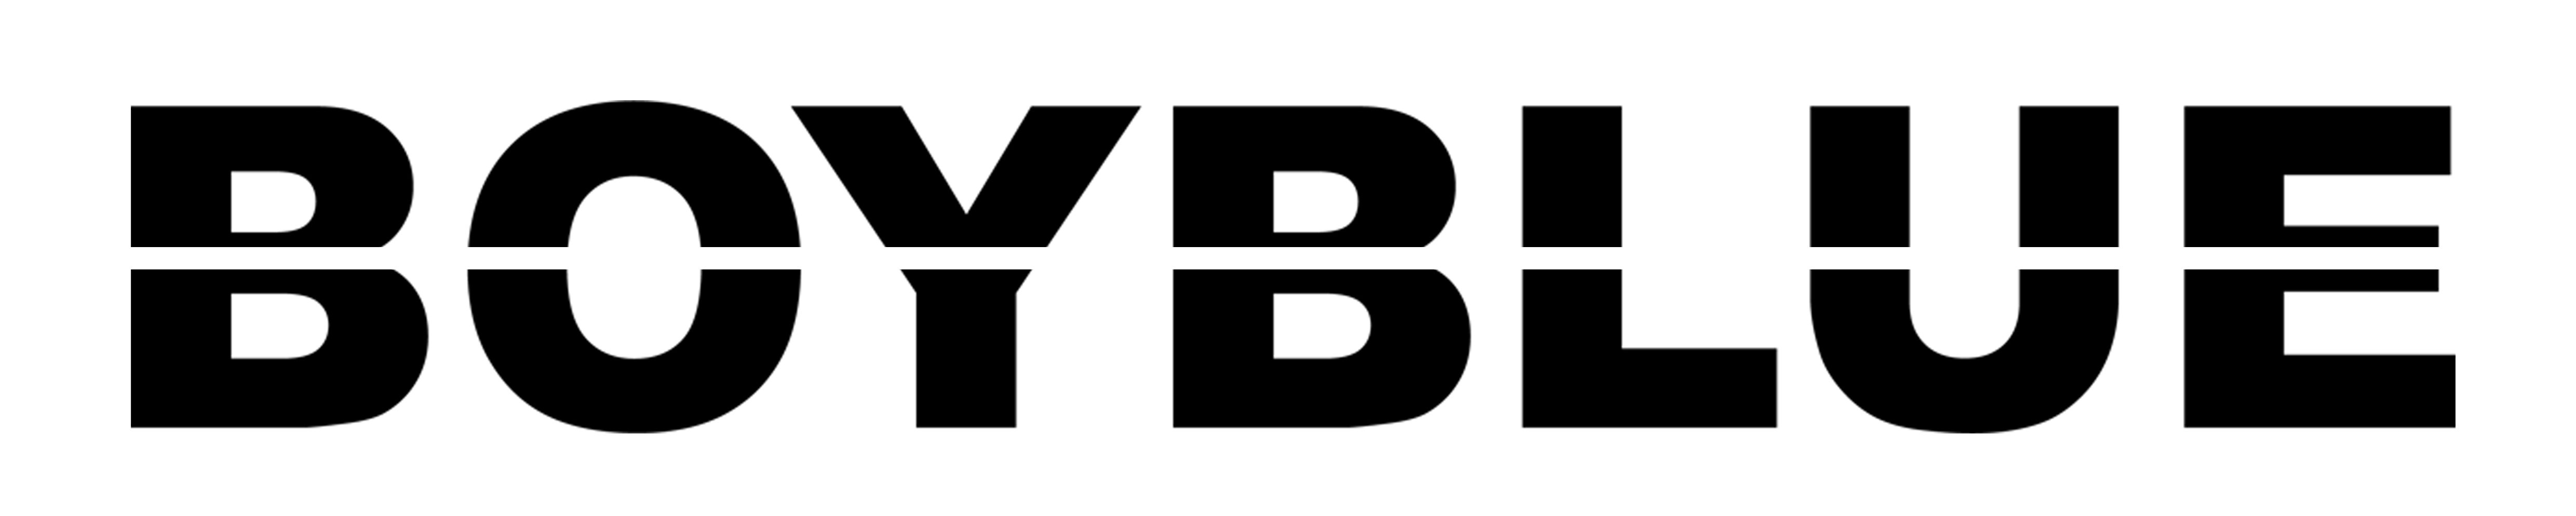 BOYBLUE Magazine